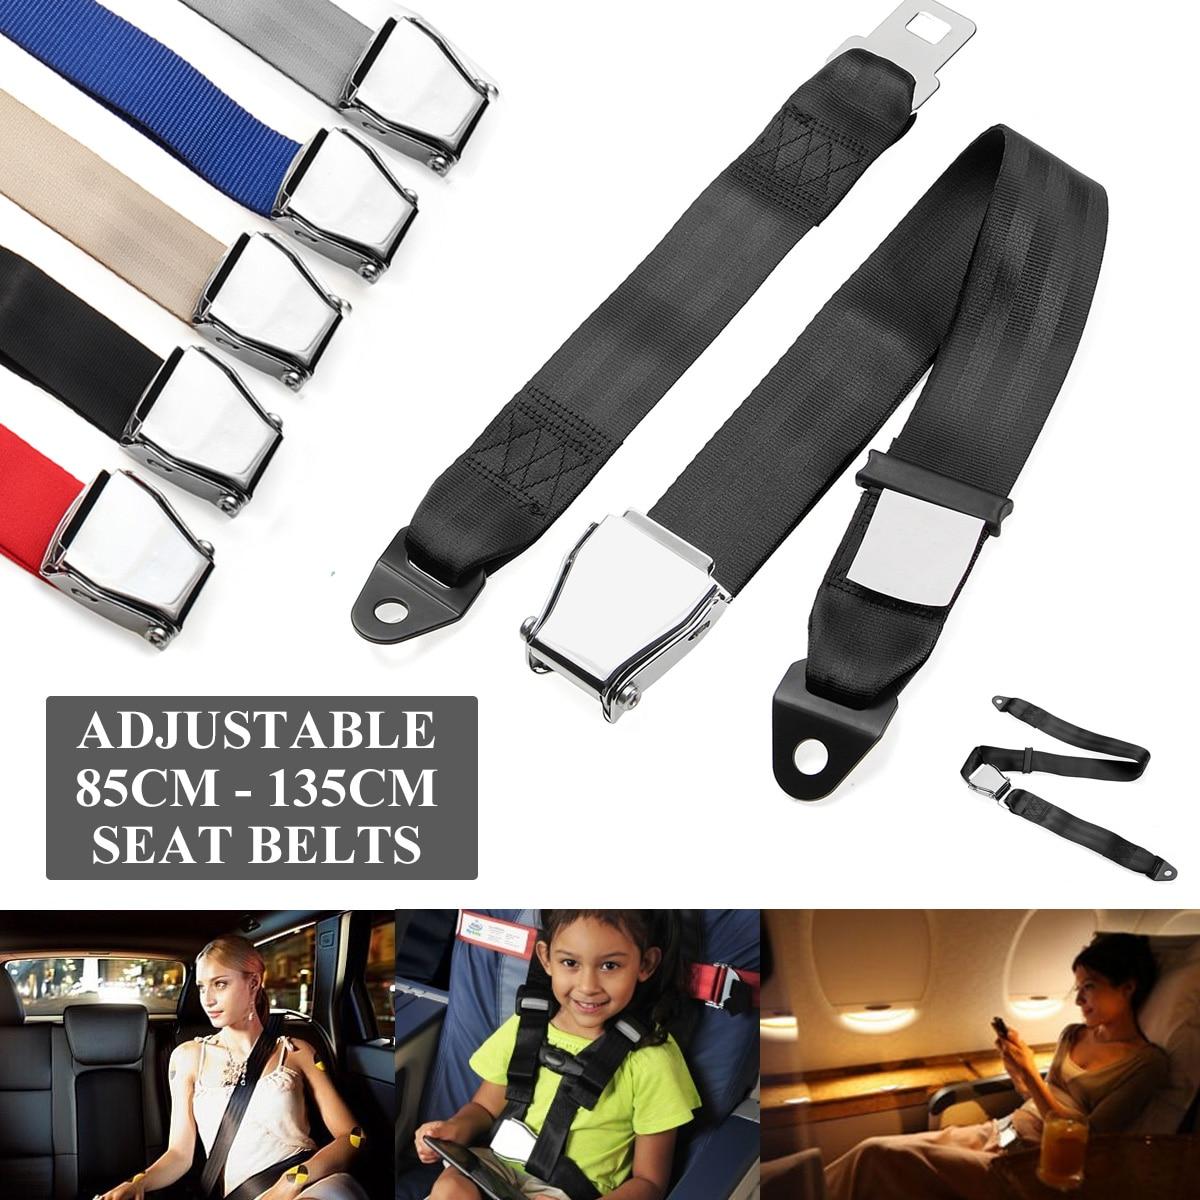 Cinturón de seguridad ajustable de 85 cm-128 cm para avión, extensores de cinturón de seguridad aeroespacial, arnés de cinturón de seguridad de coche Universal